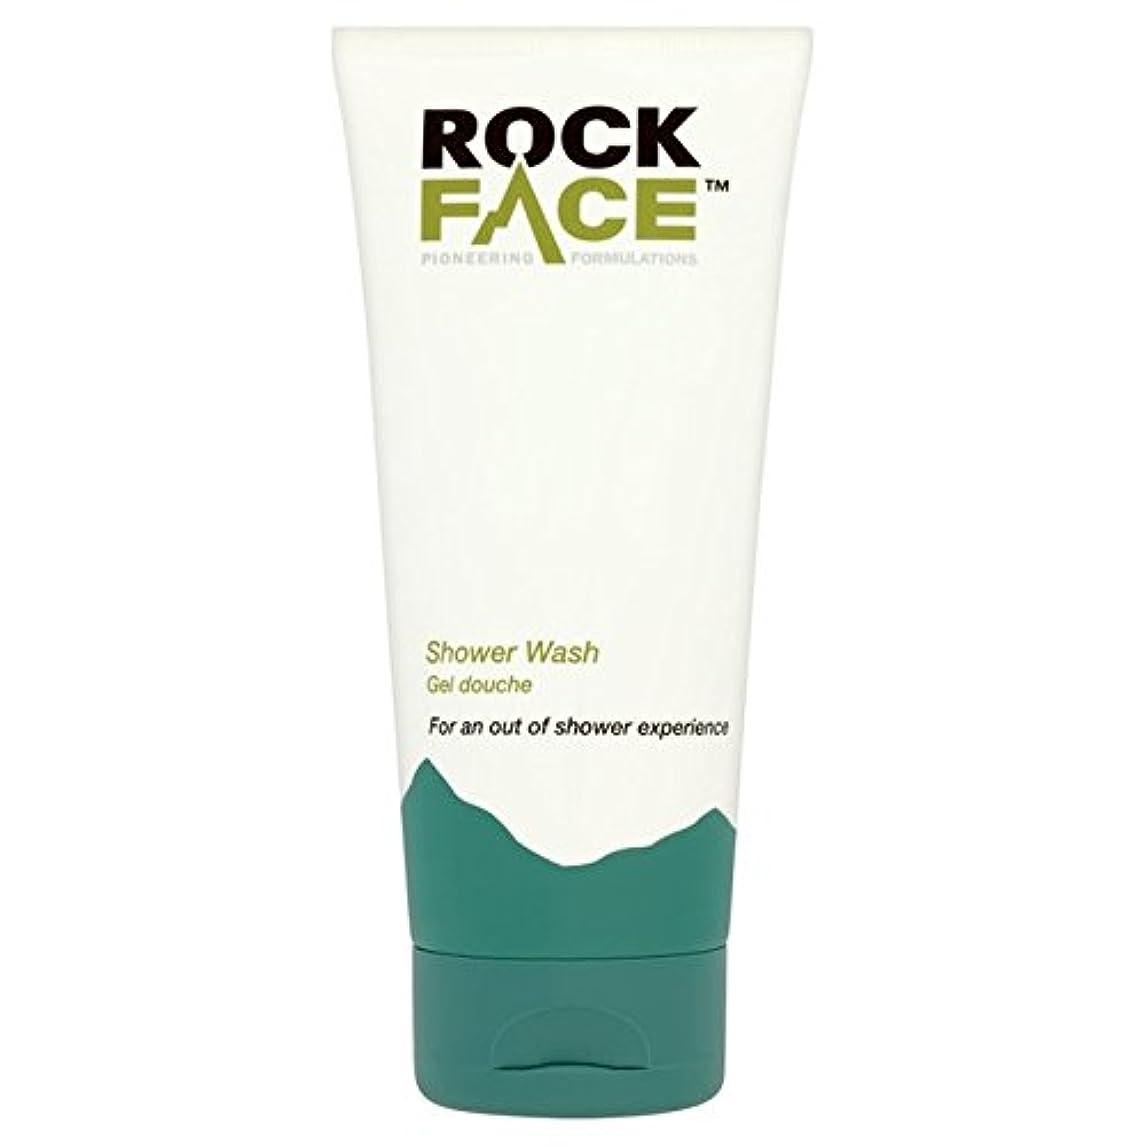 祝福する出します結核Rock Face Shower Wash 200ml (Pack of 6) - 岩壁シャワーウォッシュ200ミリリットル x6 [並行輸入品]